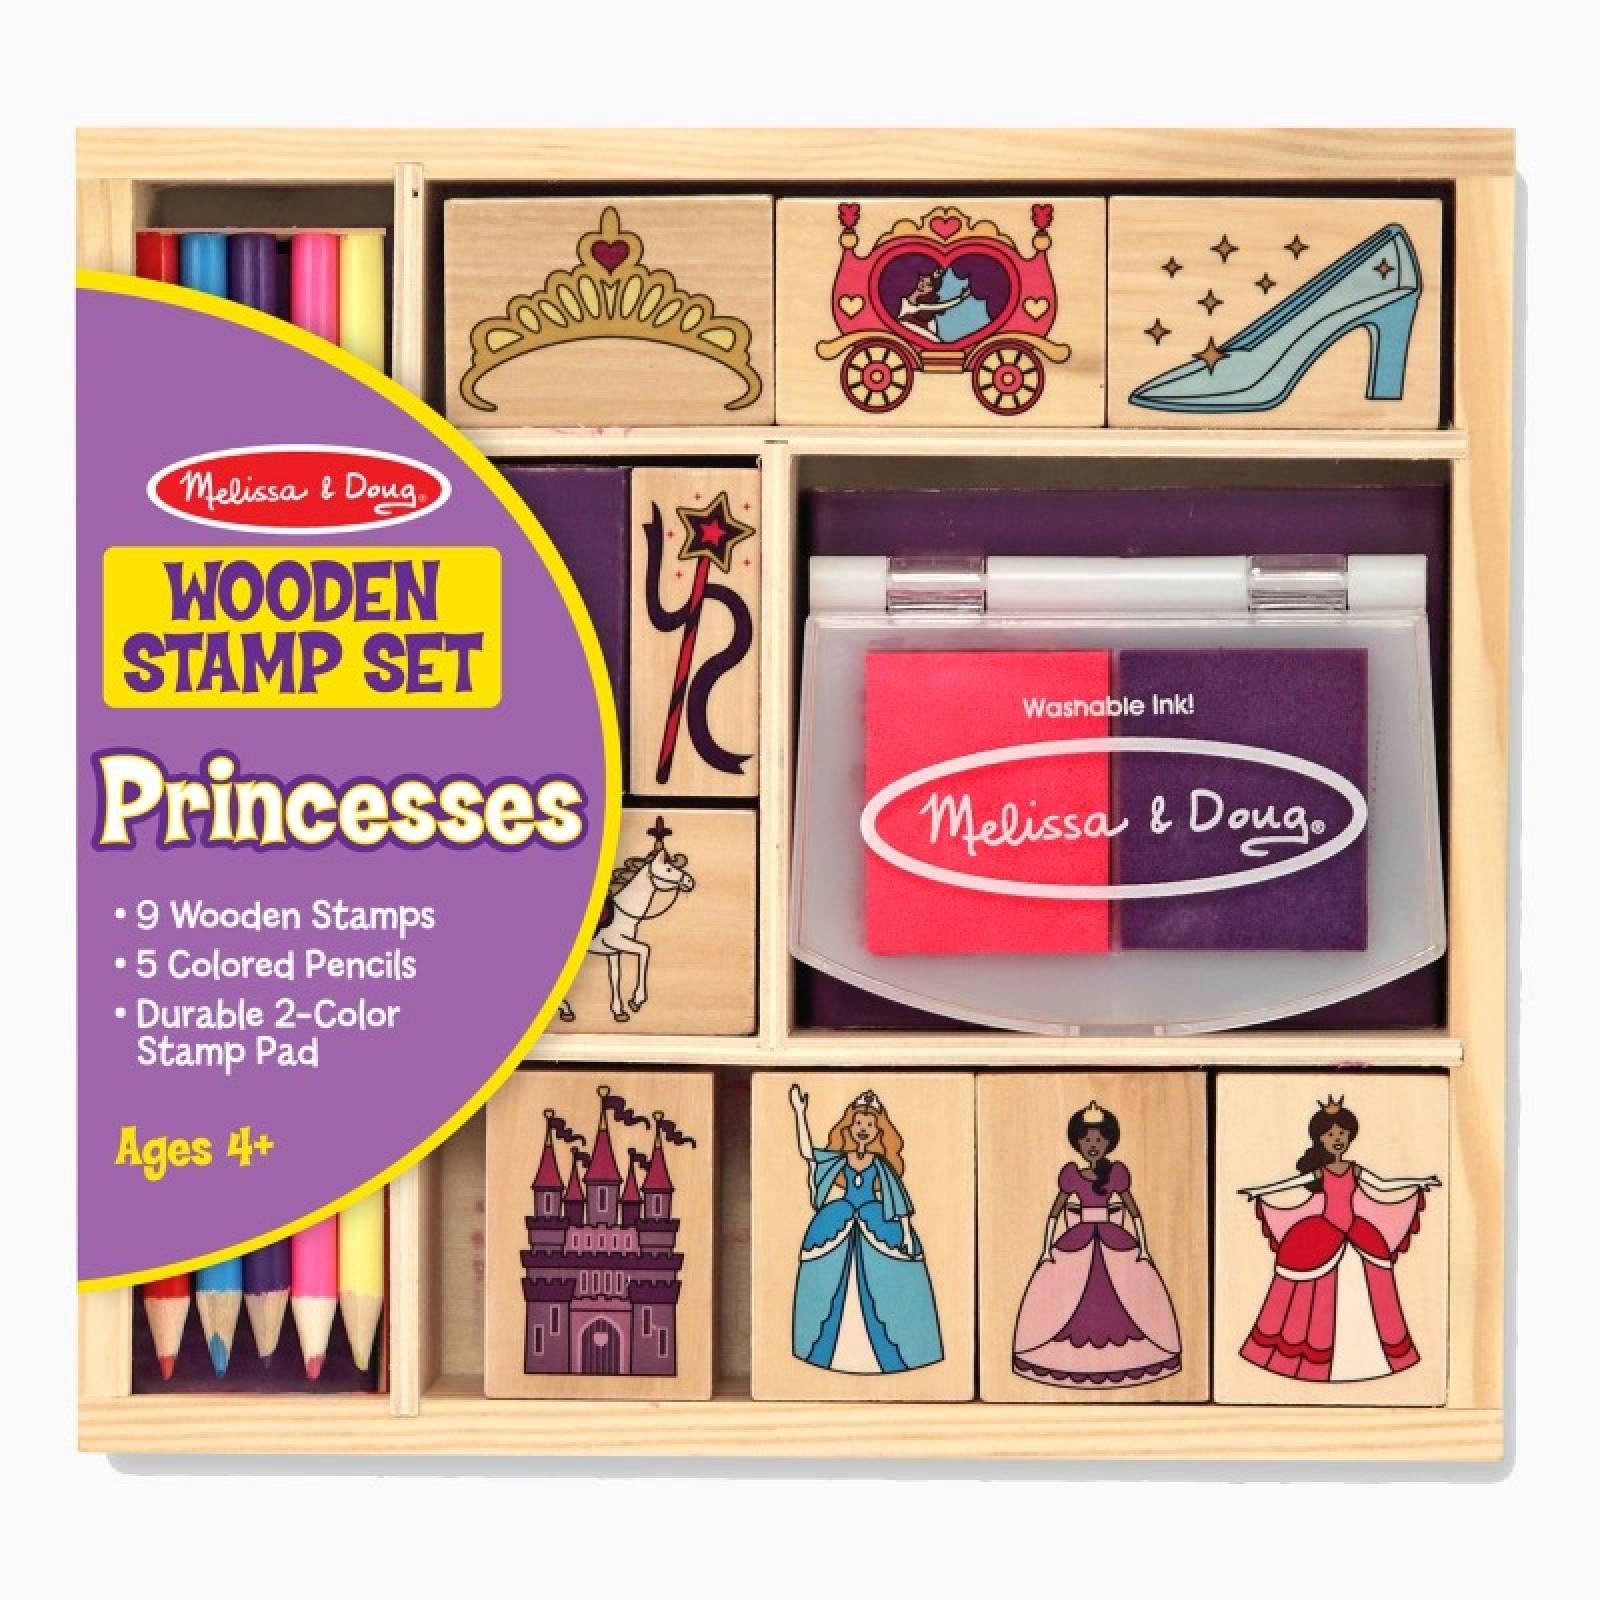 Wooden Stamp Set - Princesses 4+